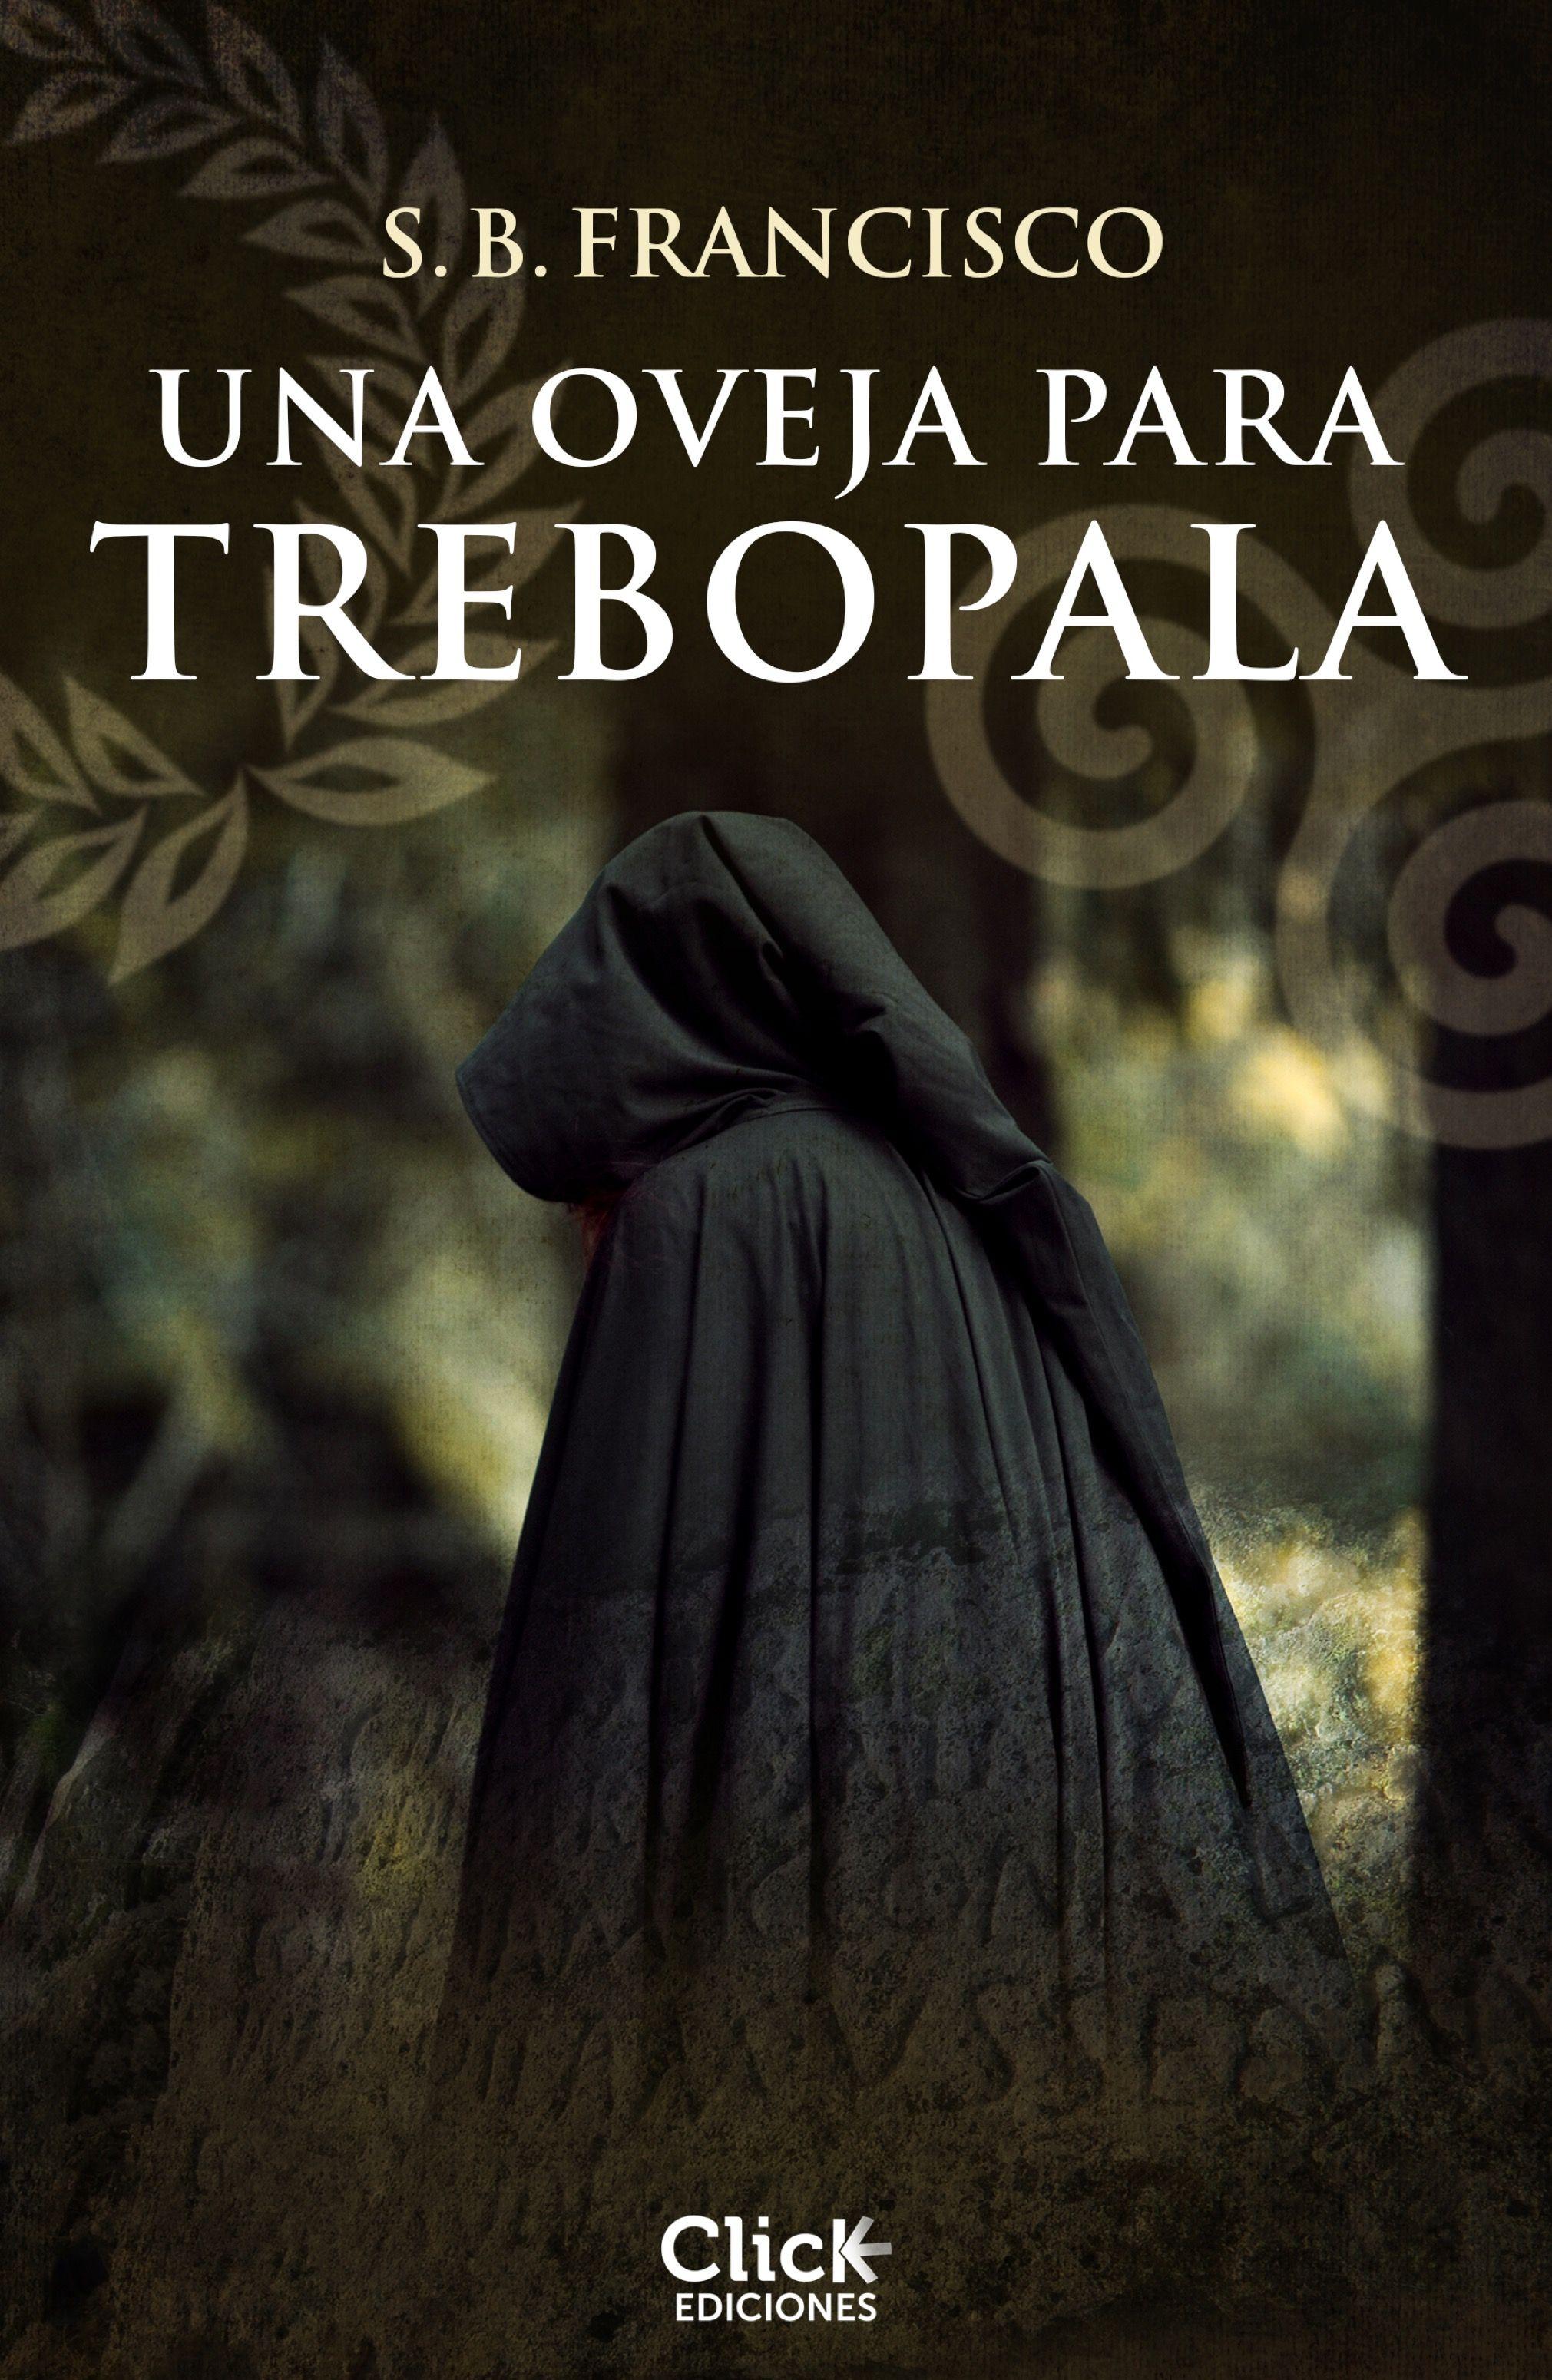 https://static2planetadelibroscom.cdnstatics.com/usuaris/libros/fotos/281/original/portada_una-oveja-para-trebopala_sb-francisco_201810301009.jpg